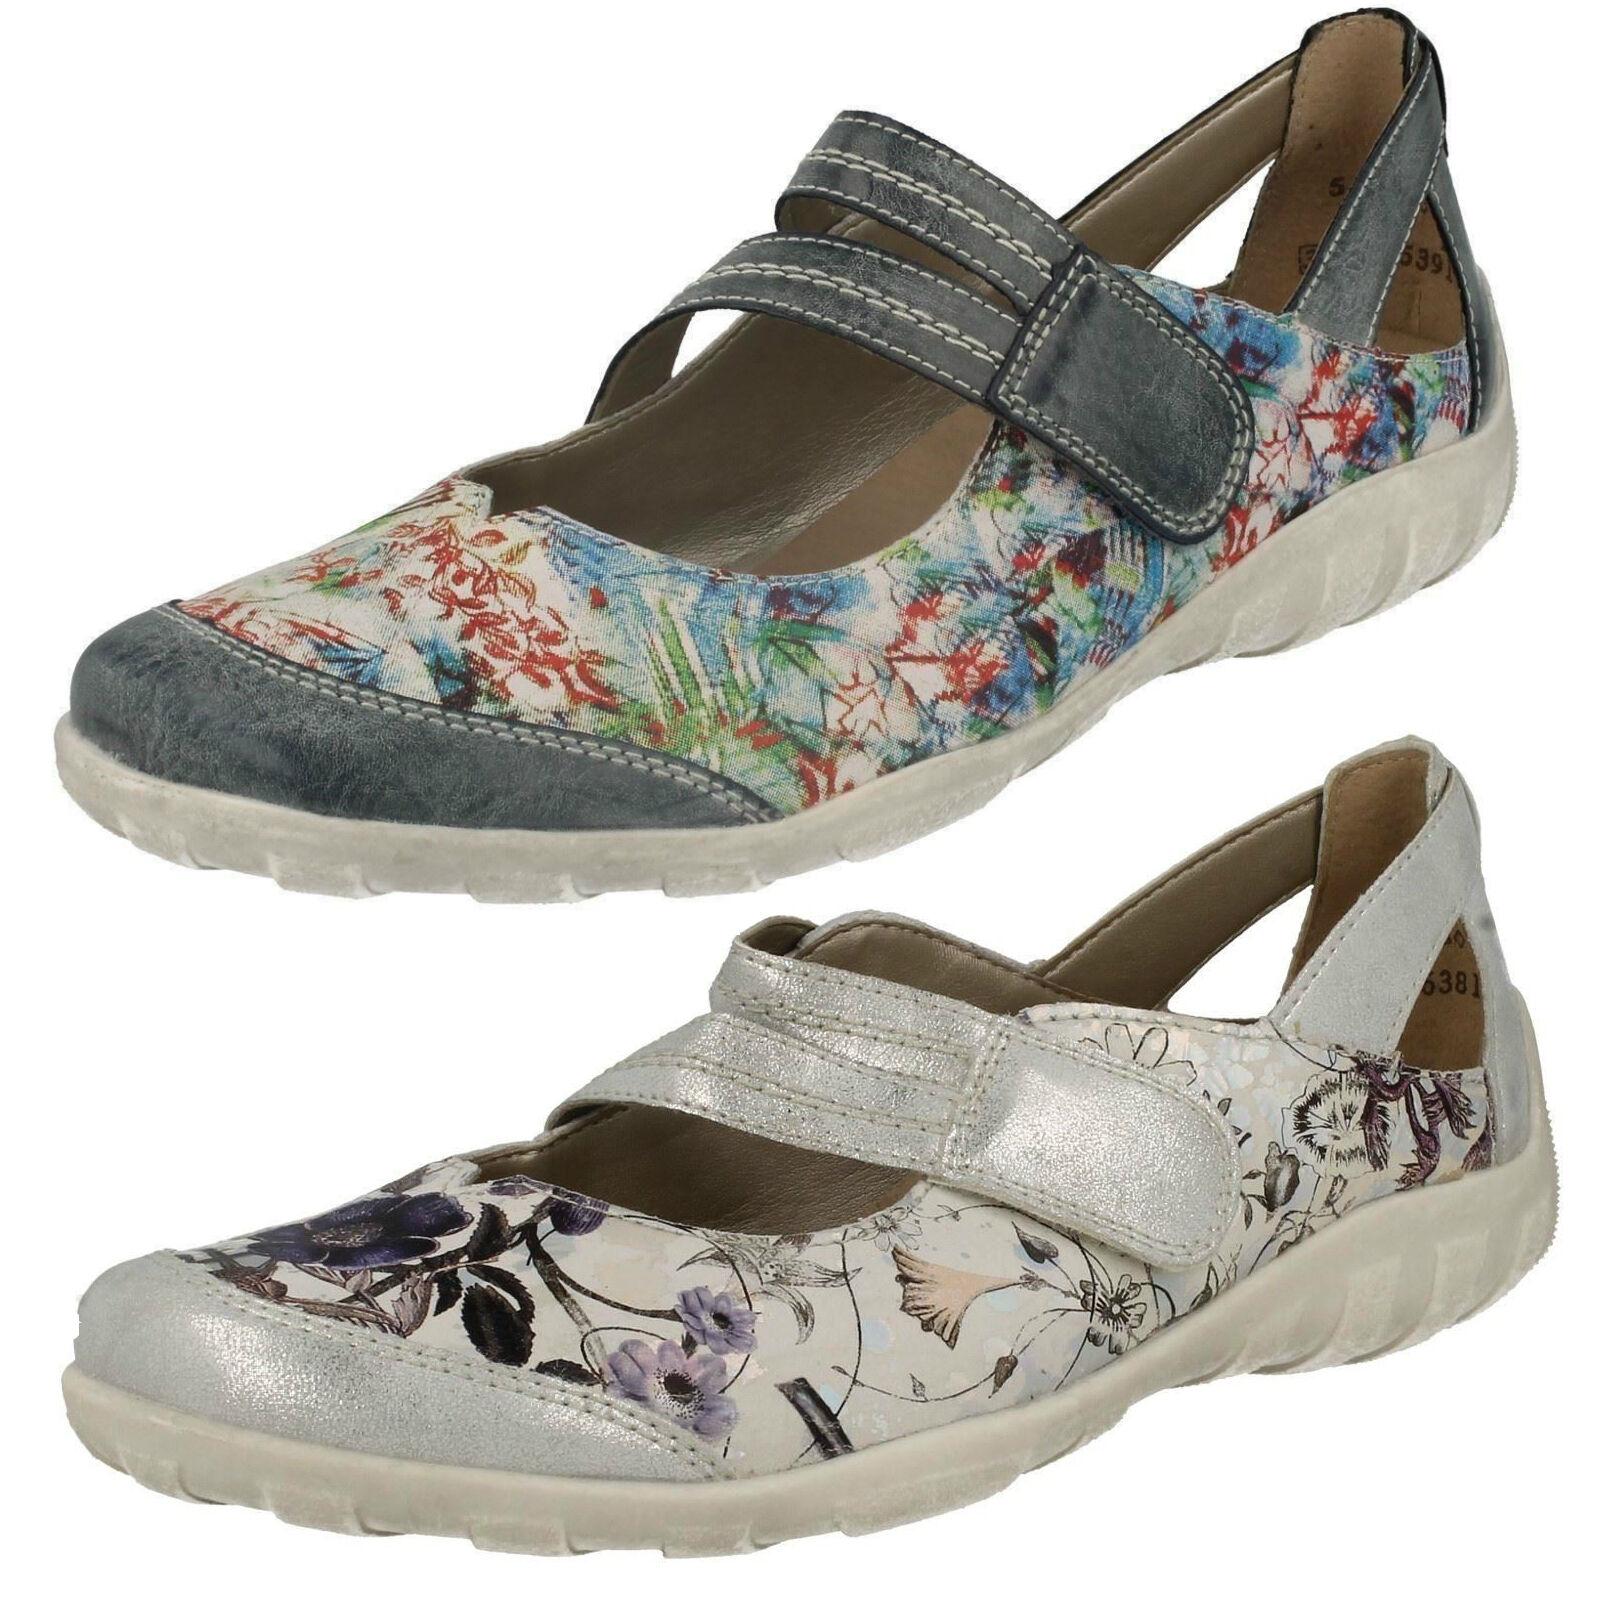 Casual salvaje Descuento por tiempo limitado Mujer Remonte r3427 Multi O Blanco Cuero Casual Mary Jane Zapatos de CORREA